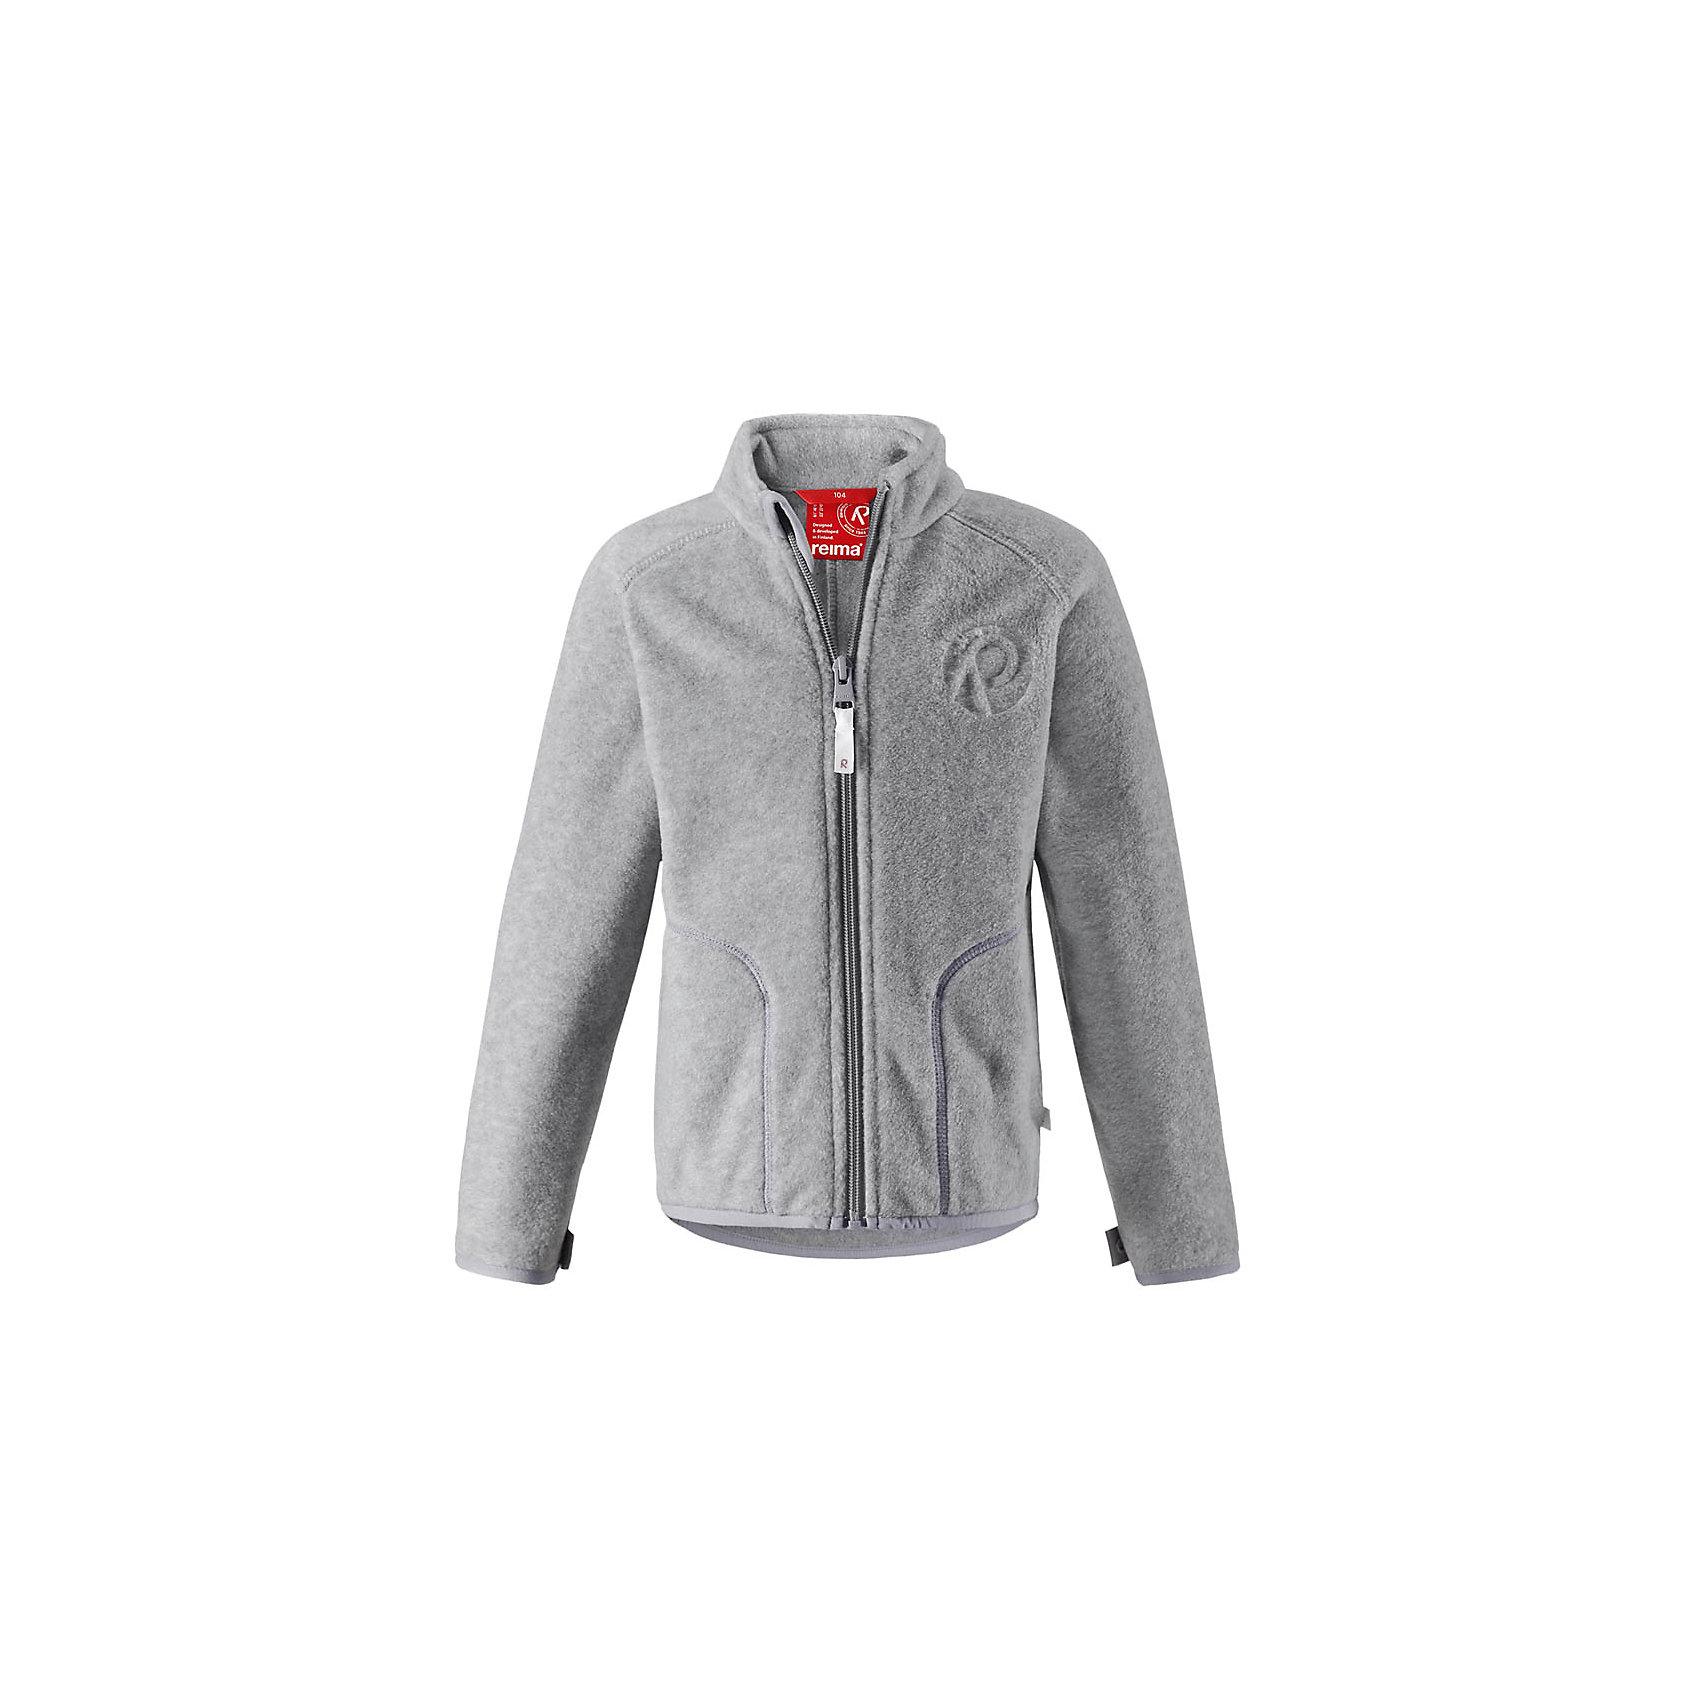 Флисовая кофта Reima InrunТолстовки<br>Супер удобная детская флисовая куртка превосходно послужит в качестве промежуточного слоя в морозные зимние дни – она теплая и очень мягкая на ощупь. Эта куртка изготовлена из легкого полярного флиса, дышащего и быстросохнущего материала. Молния во всю длину облегчает надевание, а защита для подбородка не дает поцарапать молнией шею и подбородок. <br><br>Эту практичную флисовую куртку легко можно пристегнуть к любой верхней одежде Reima®, оснащенной системой кнопок Play Layers®. Эта удобная куртка отлично подойдет для занятий в помещении – как раз для детского сада или школы. Два боковых кармана и украшение в виде красивого сплошного рисунка. Восхитительные расцветки – выбирай любую!<br>Состав:<br>100% Полиэстер<br><br>Ширина мм: 190<br>Глубина мм: 74<br>Высота мм: 229<br>Вес г: 236<br>Цвет: серый<br>Возраст от месяцев: 108<br>Возраст до месяцев: 120<br>Пол: Унисекс<br>Возраст: Детский<br>Размер: 140,92,98,104,110,116,122,128,134<br>SKU: 6901893